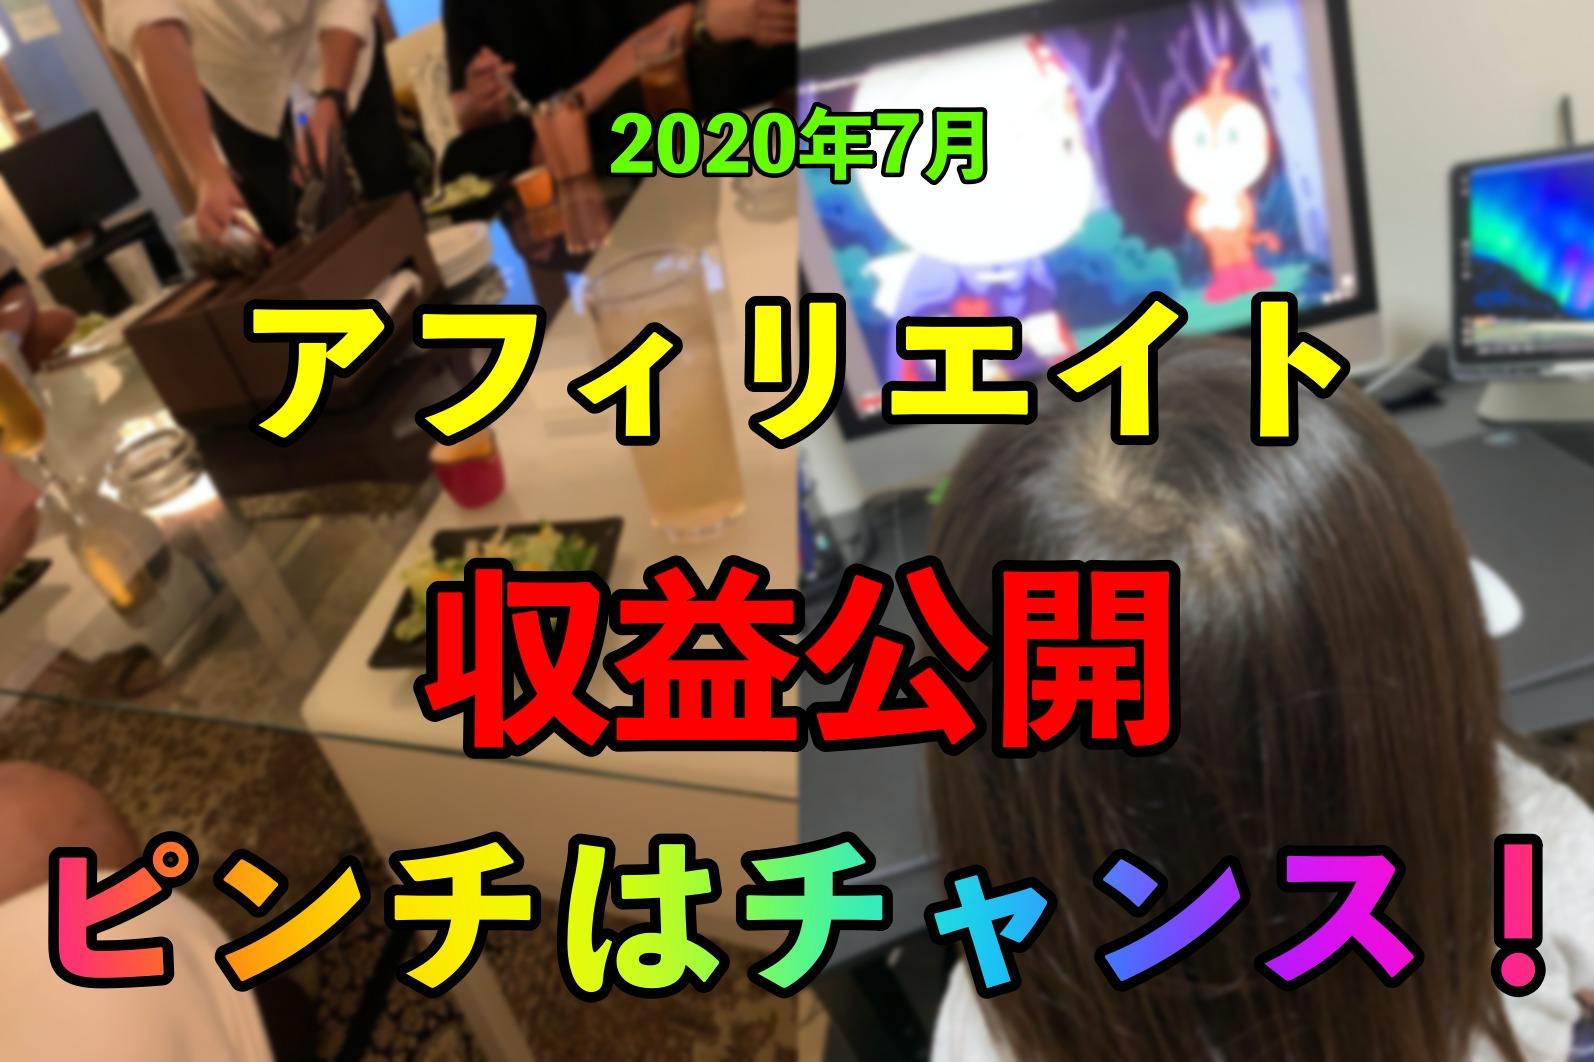 【7月収益公開】コロナ関係なし!ピンチはチャンス!